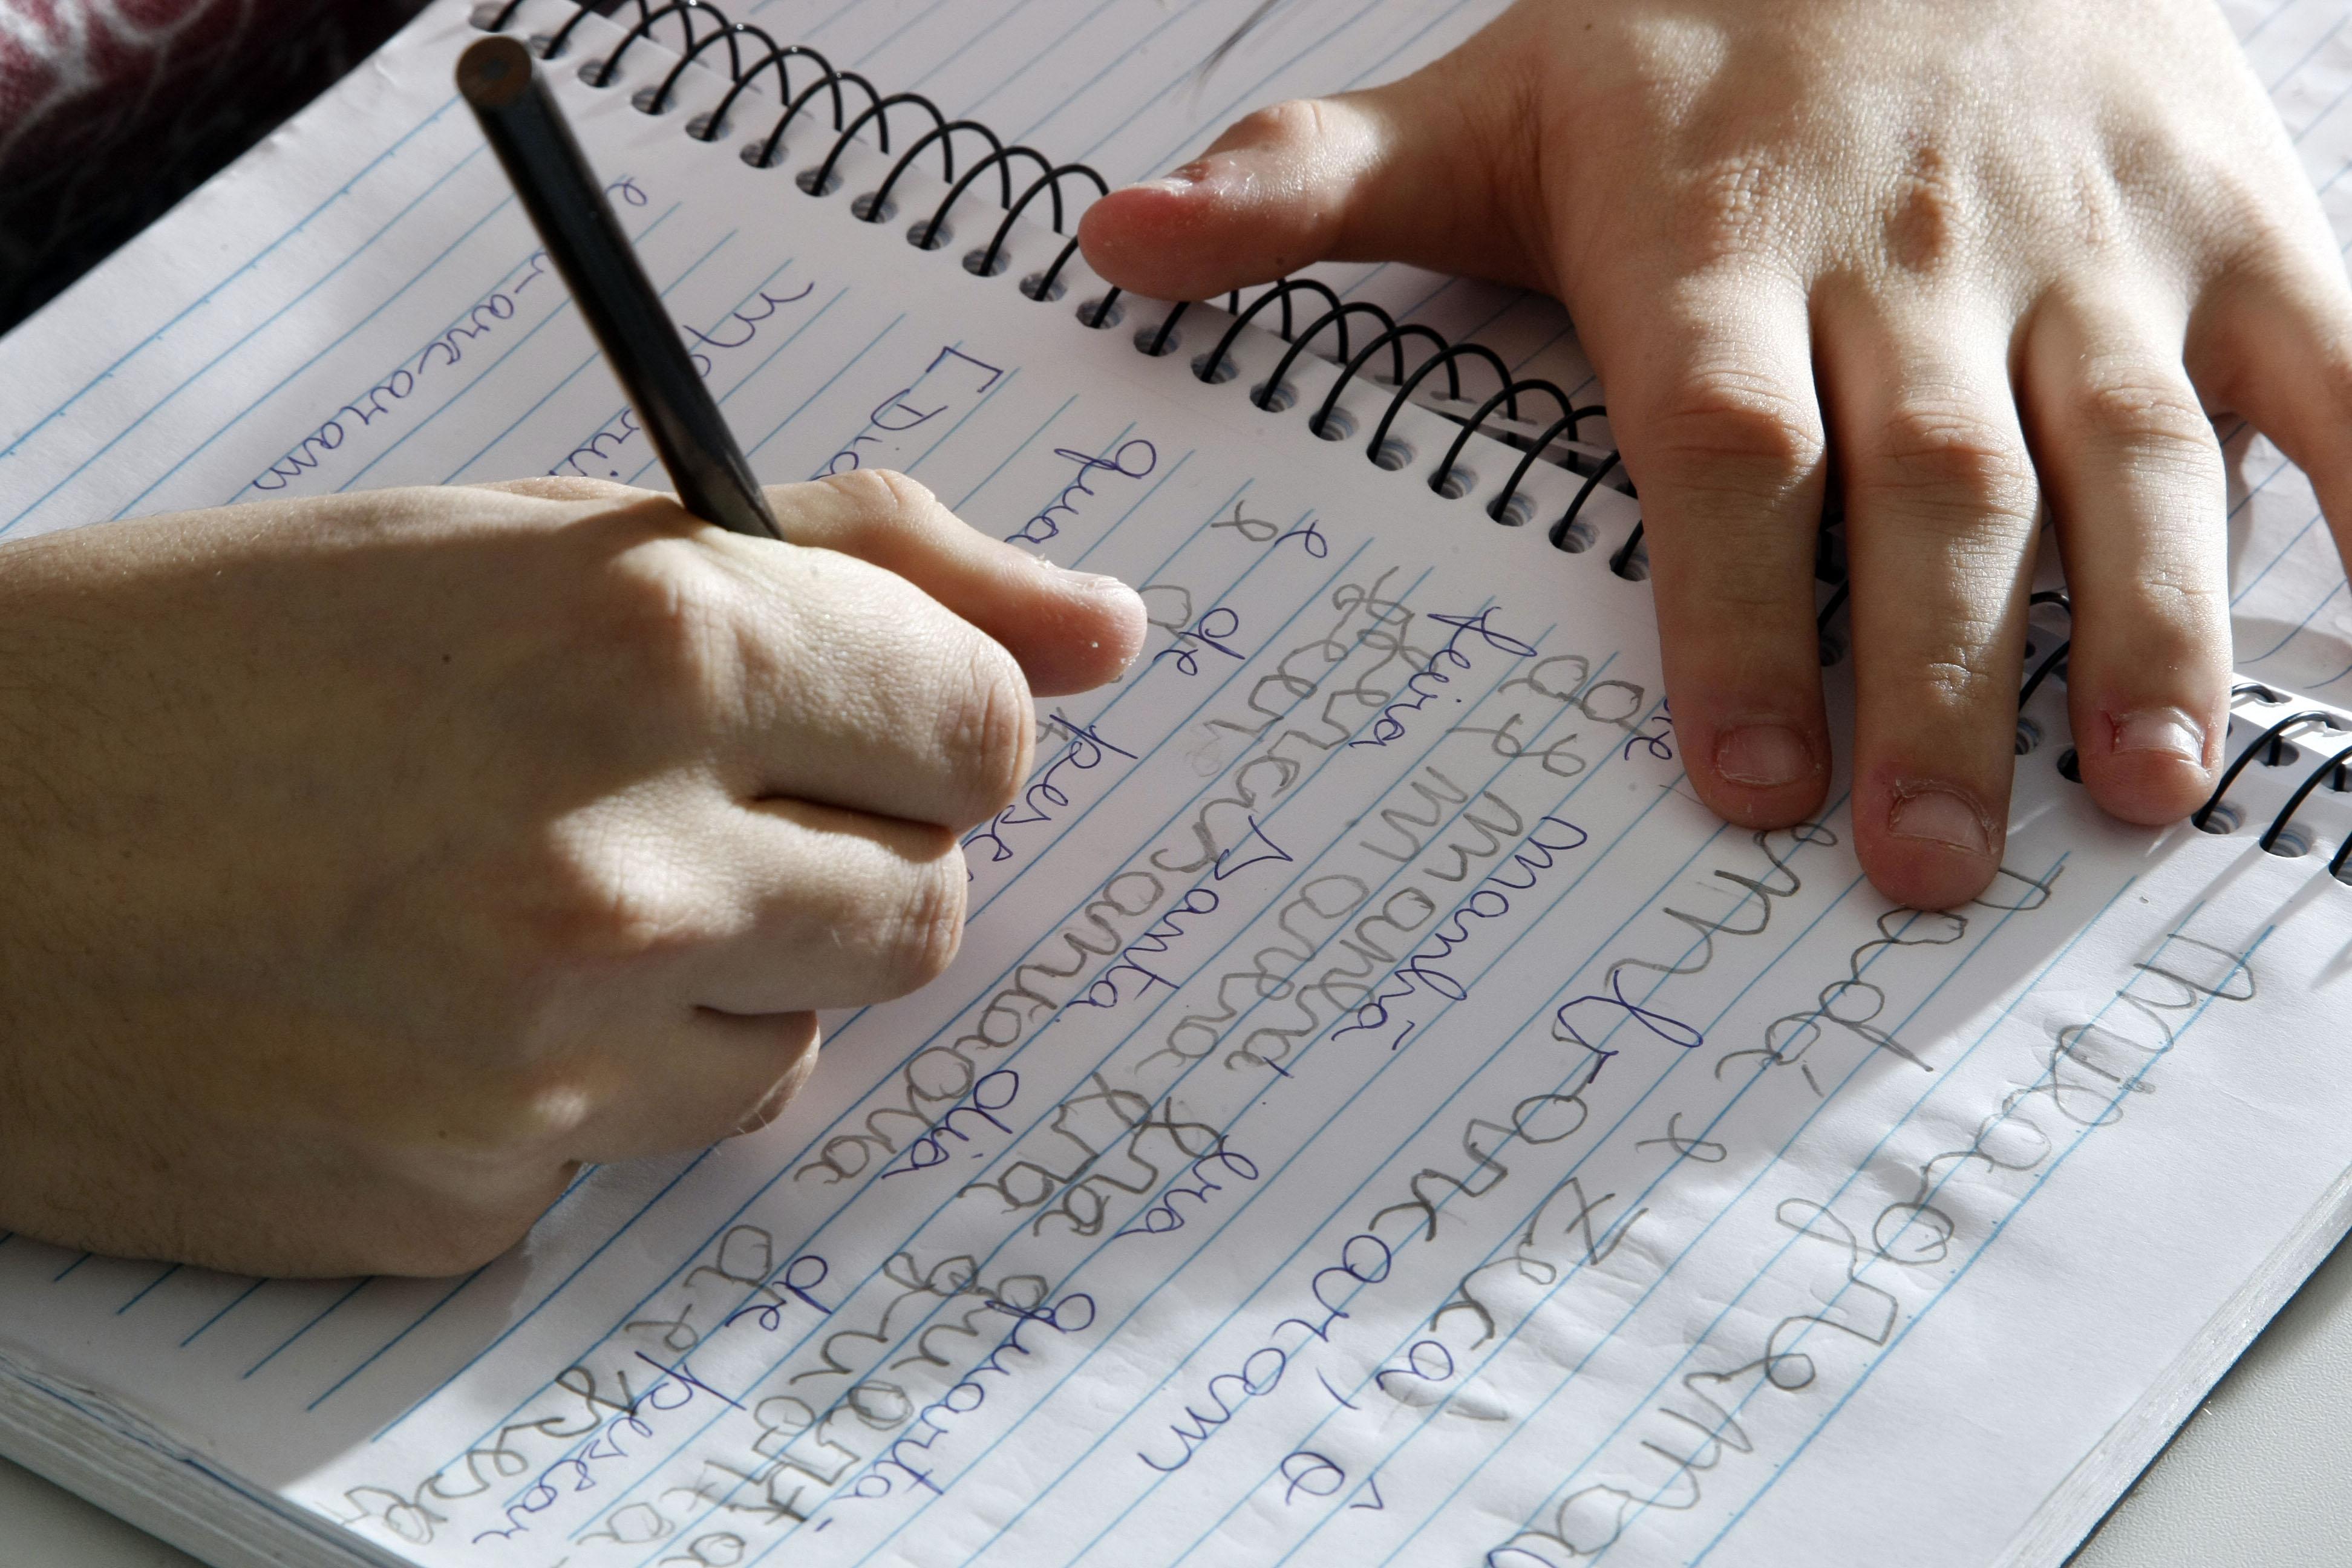 Educação - geral - alfabetização adultos analfabetismo escrita ensino